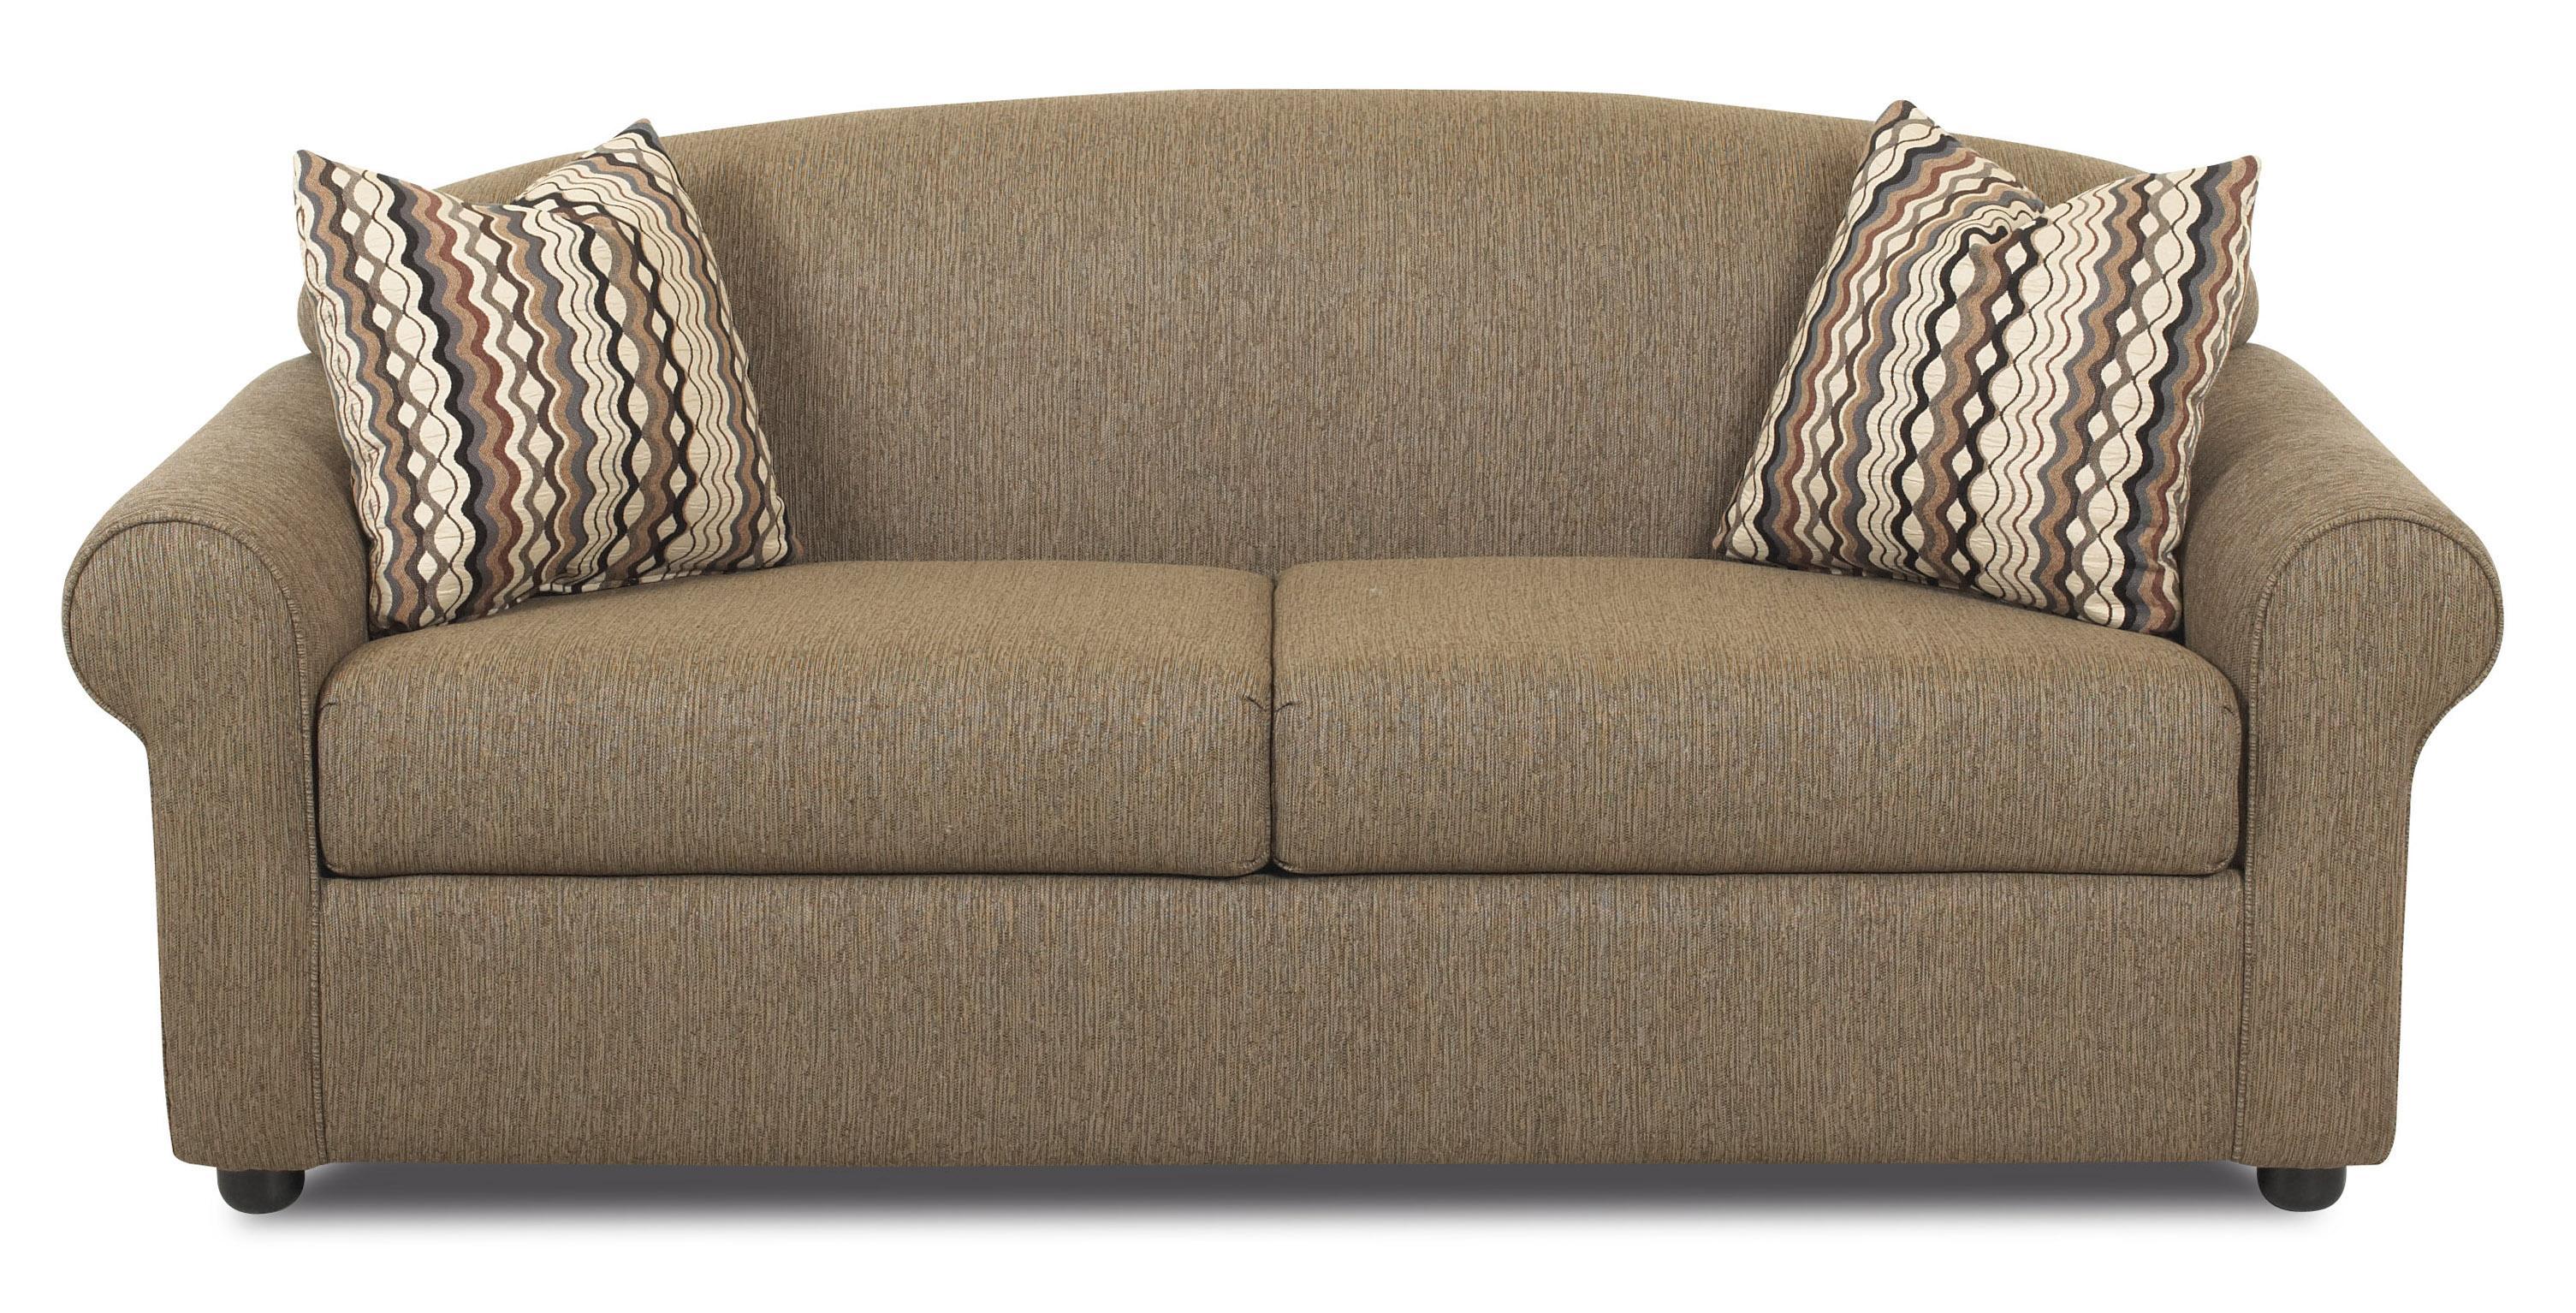 Klaussner Possibilities Innerspring Regular Sleeper Sofa Vandrie Home Furnishings